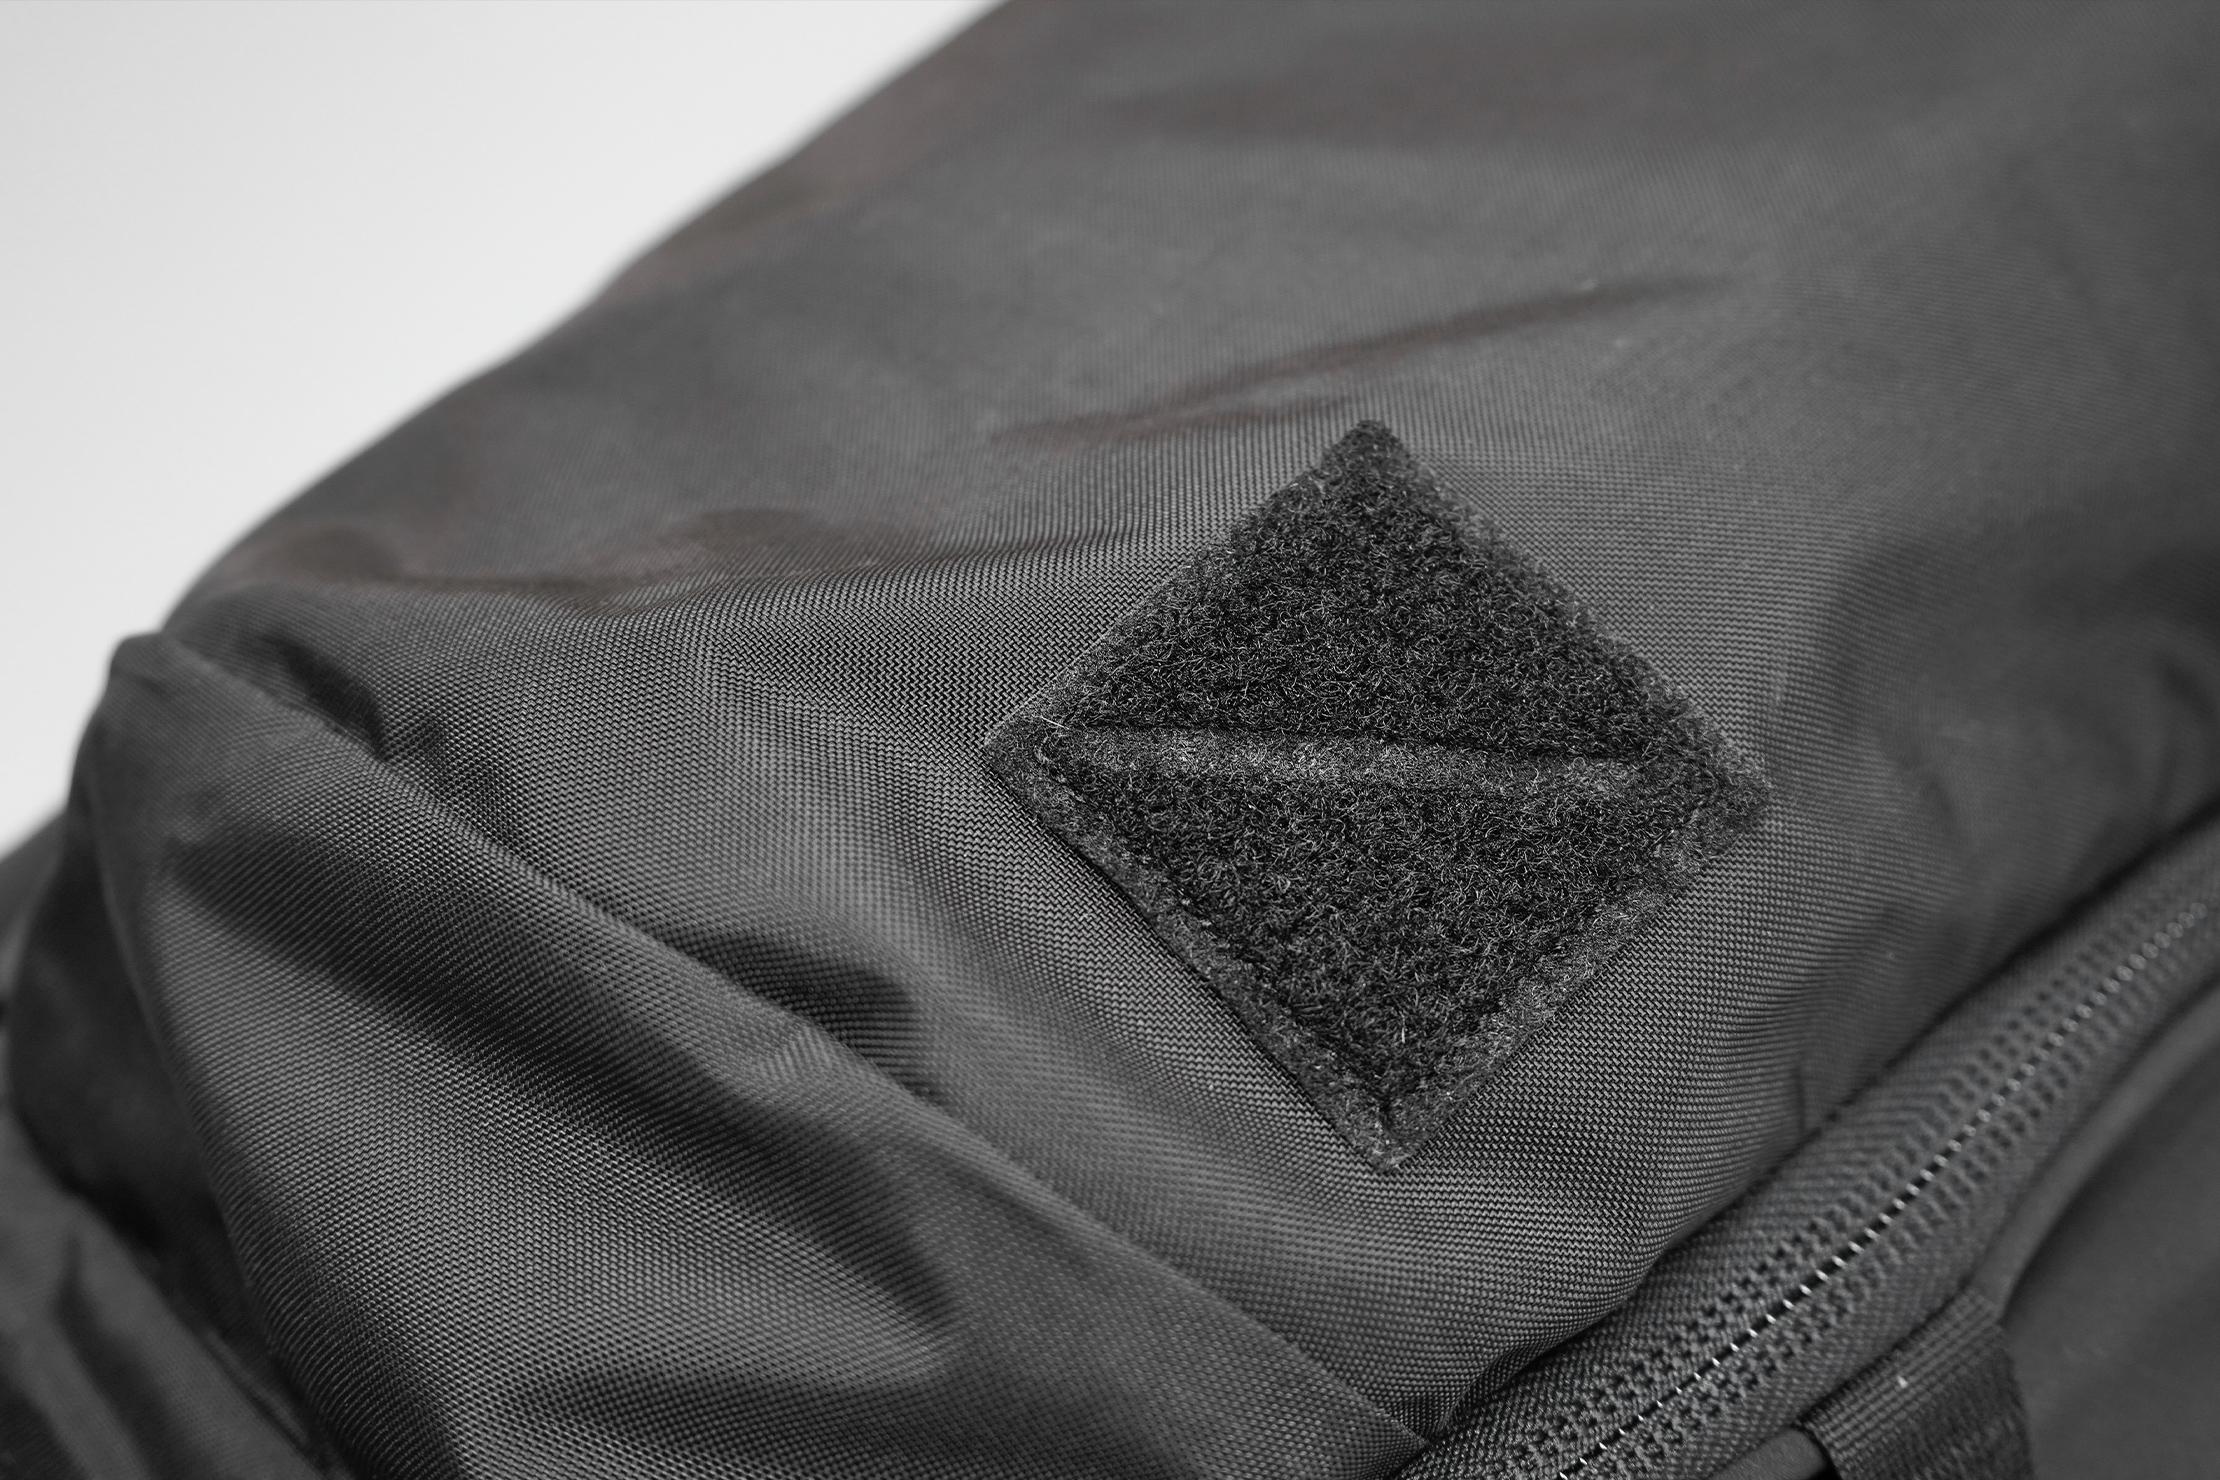 EVERGOODS MPL30 (V2) Material and Logo